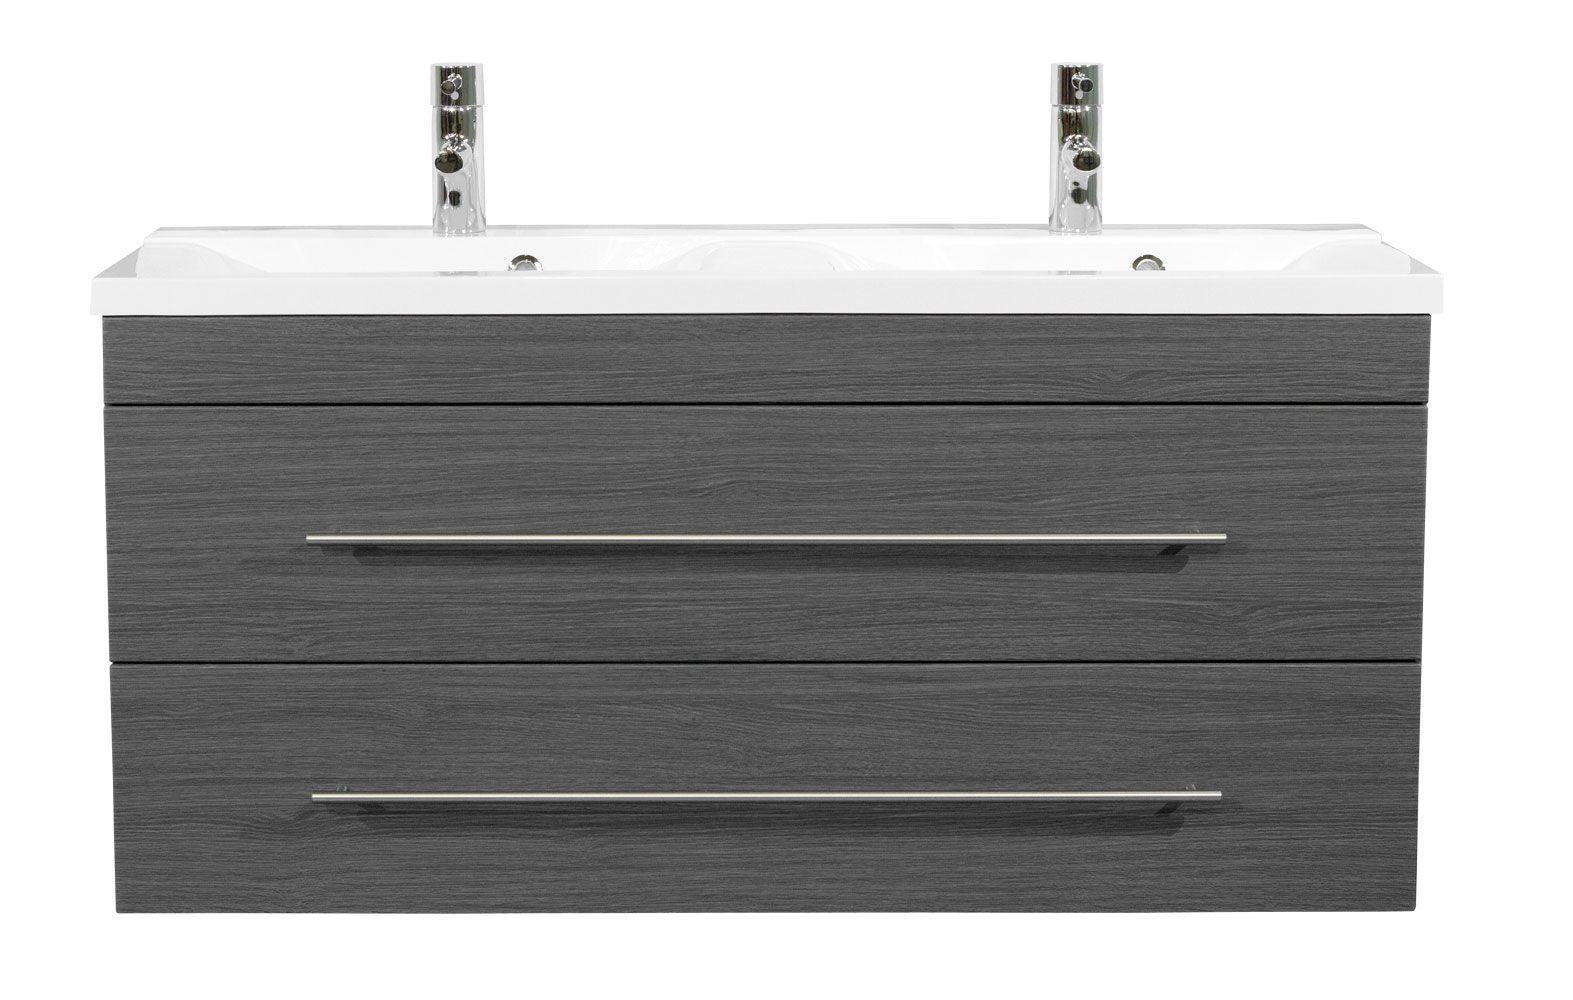 badkamermeubel 60 cm breed vergelijken amp kopen tot 70